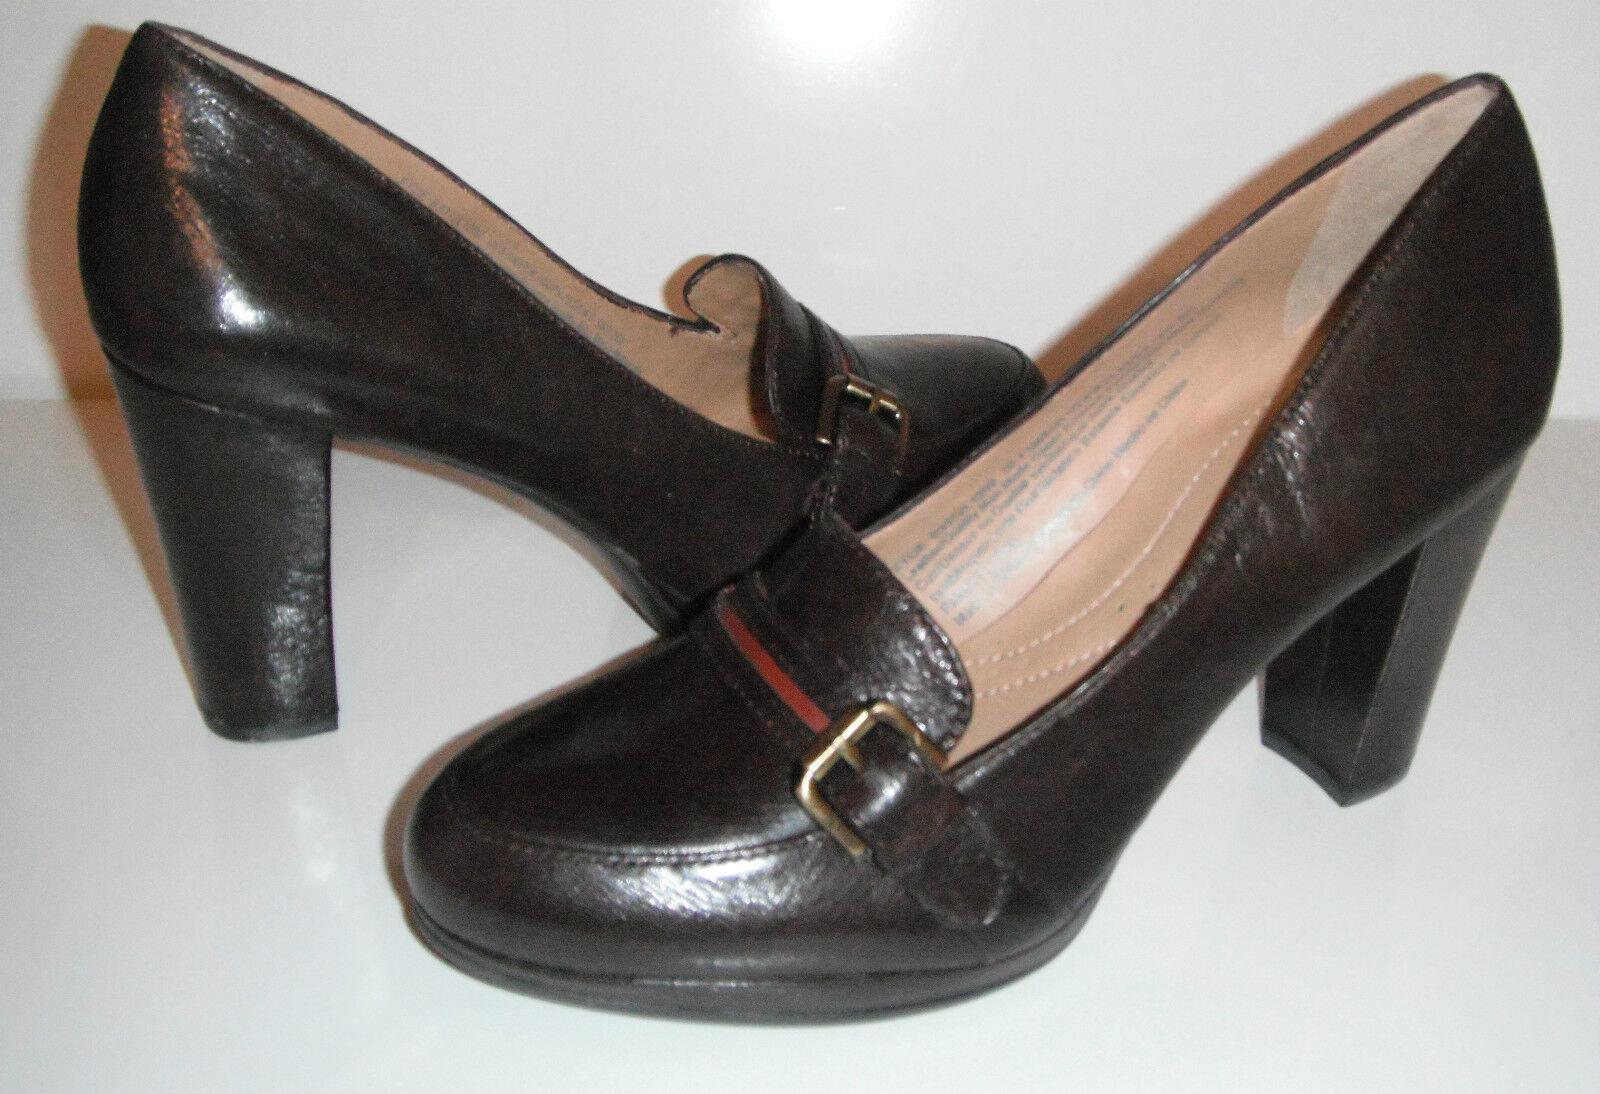 100 NOUVEAU Naturalizer Femme Kylie Cuir Mocassins Chaussures sz 8.5 M